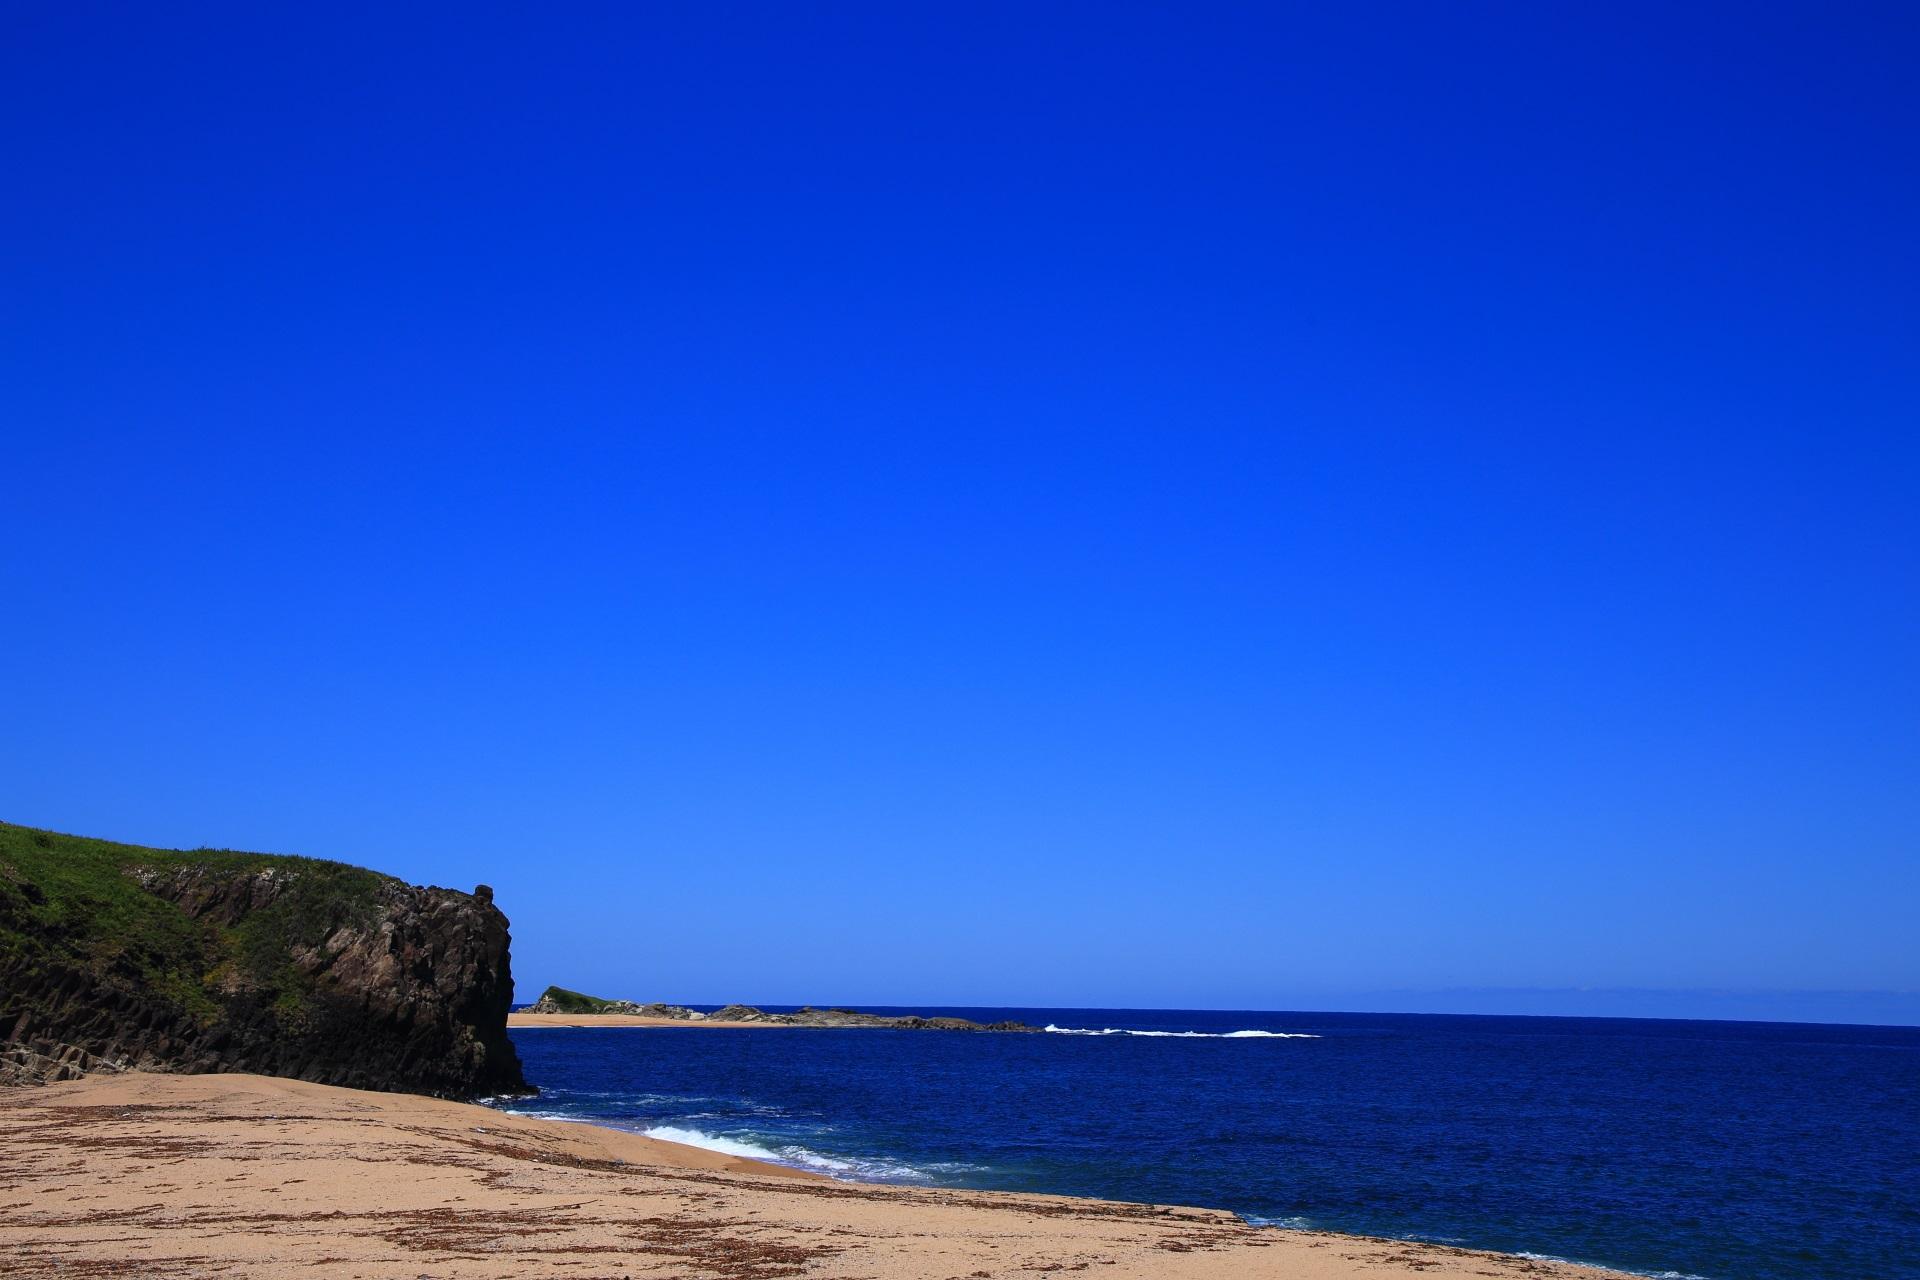 京丹後の後ヶ浜の西側の海岸と砂浜